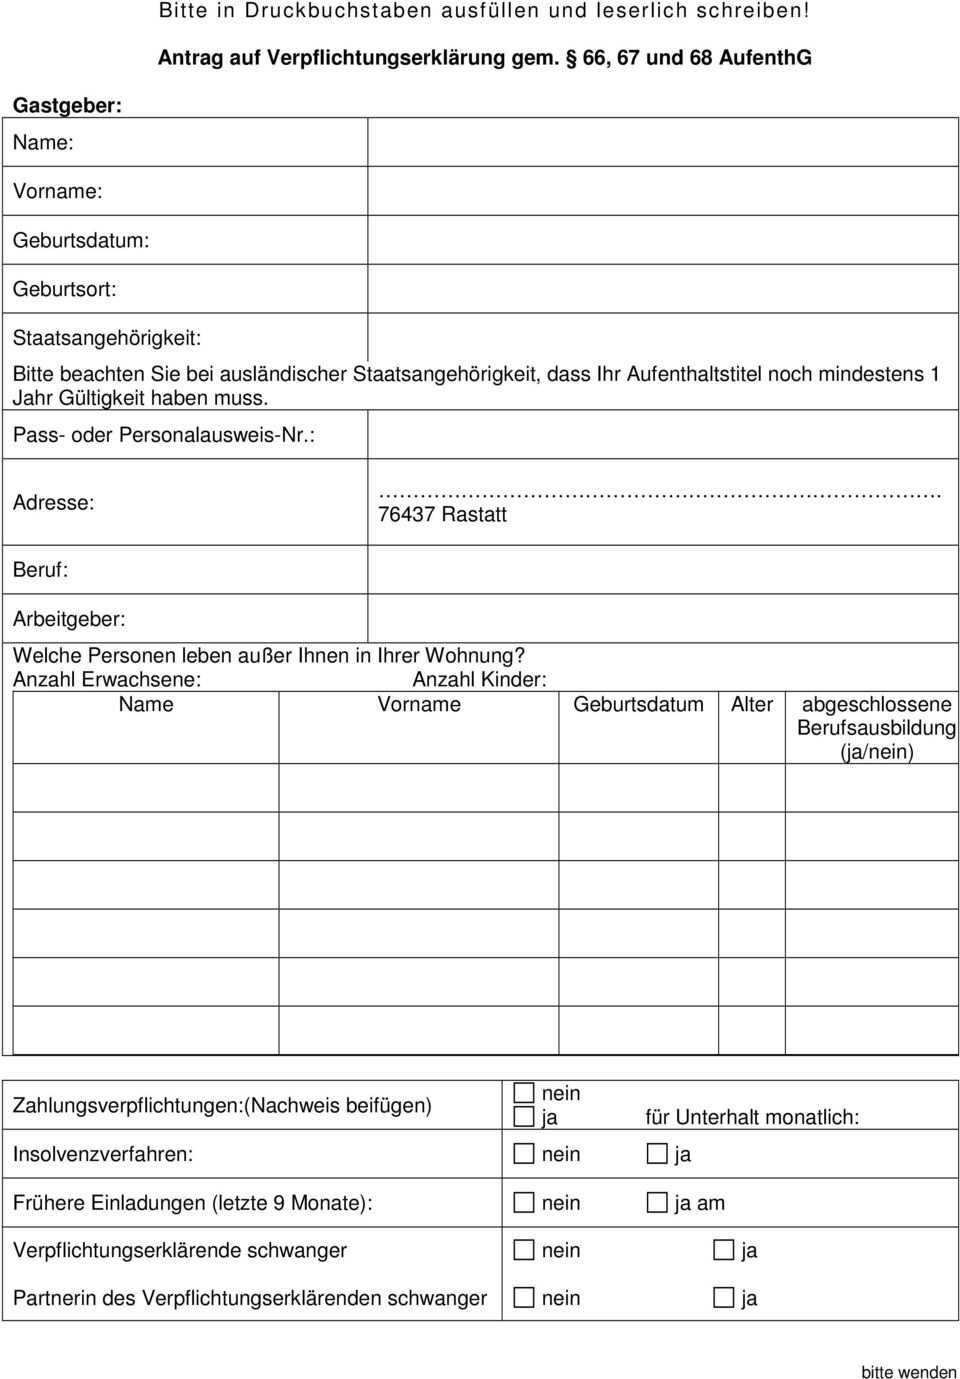 M E R K B L A T T Zur Verpflichtungserklarung Einladung Pdf Kostenfreier Download